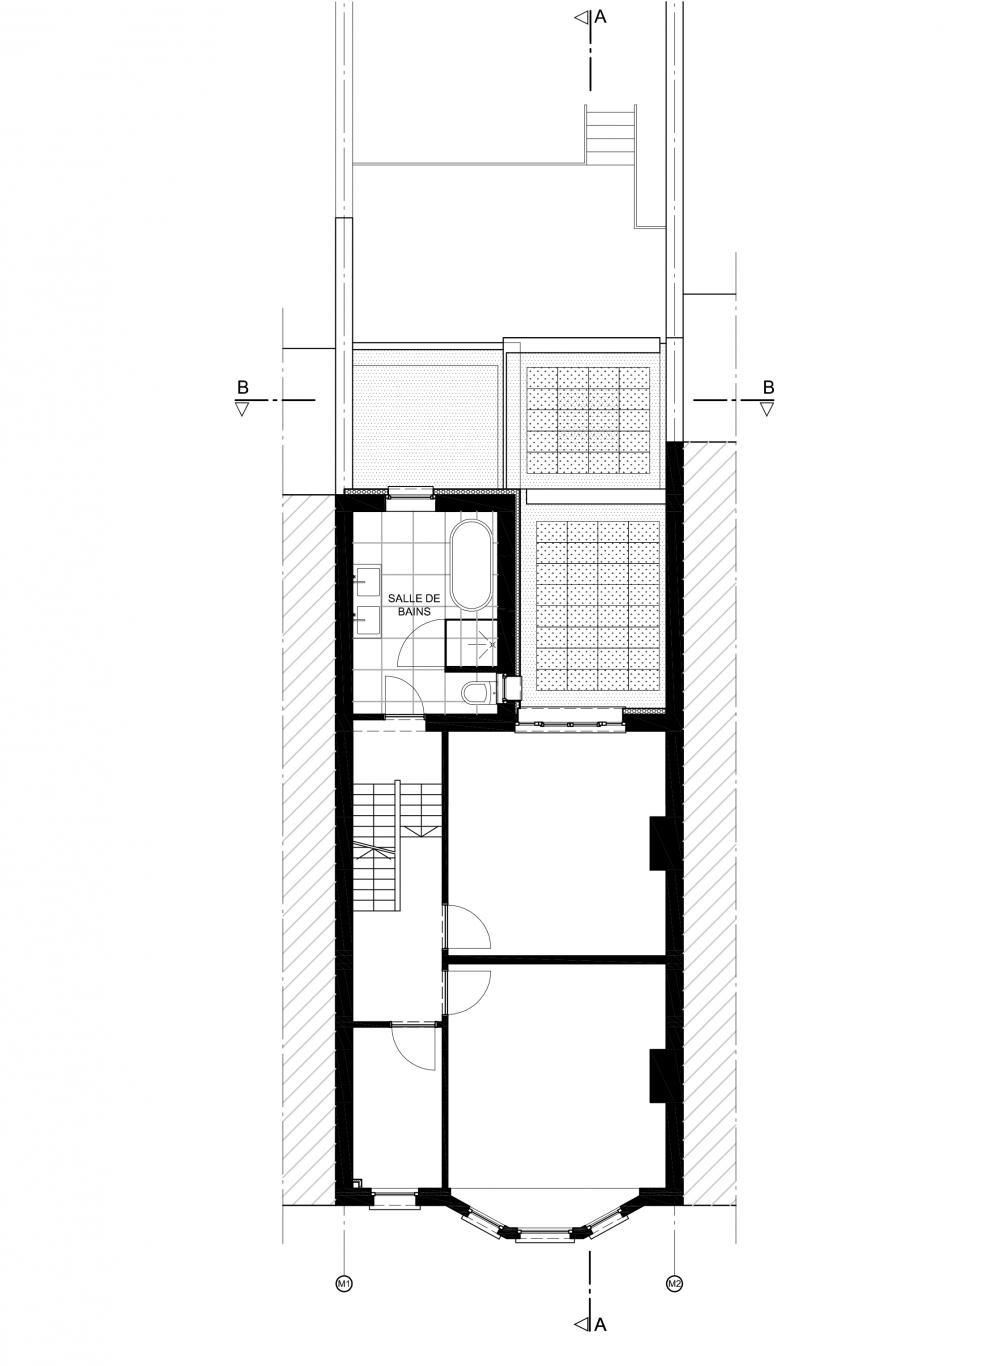 plan du premier étage de la maison Anatole France